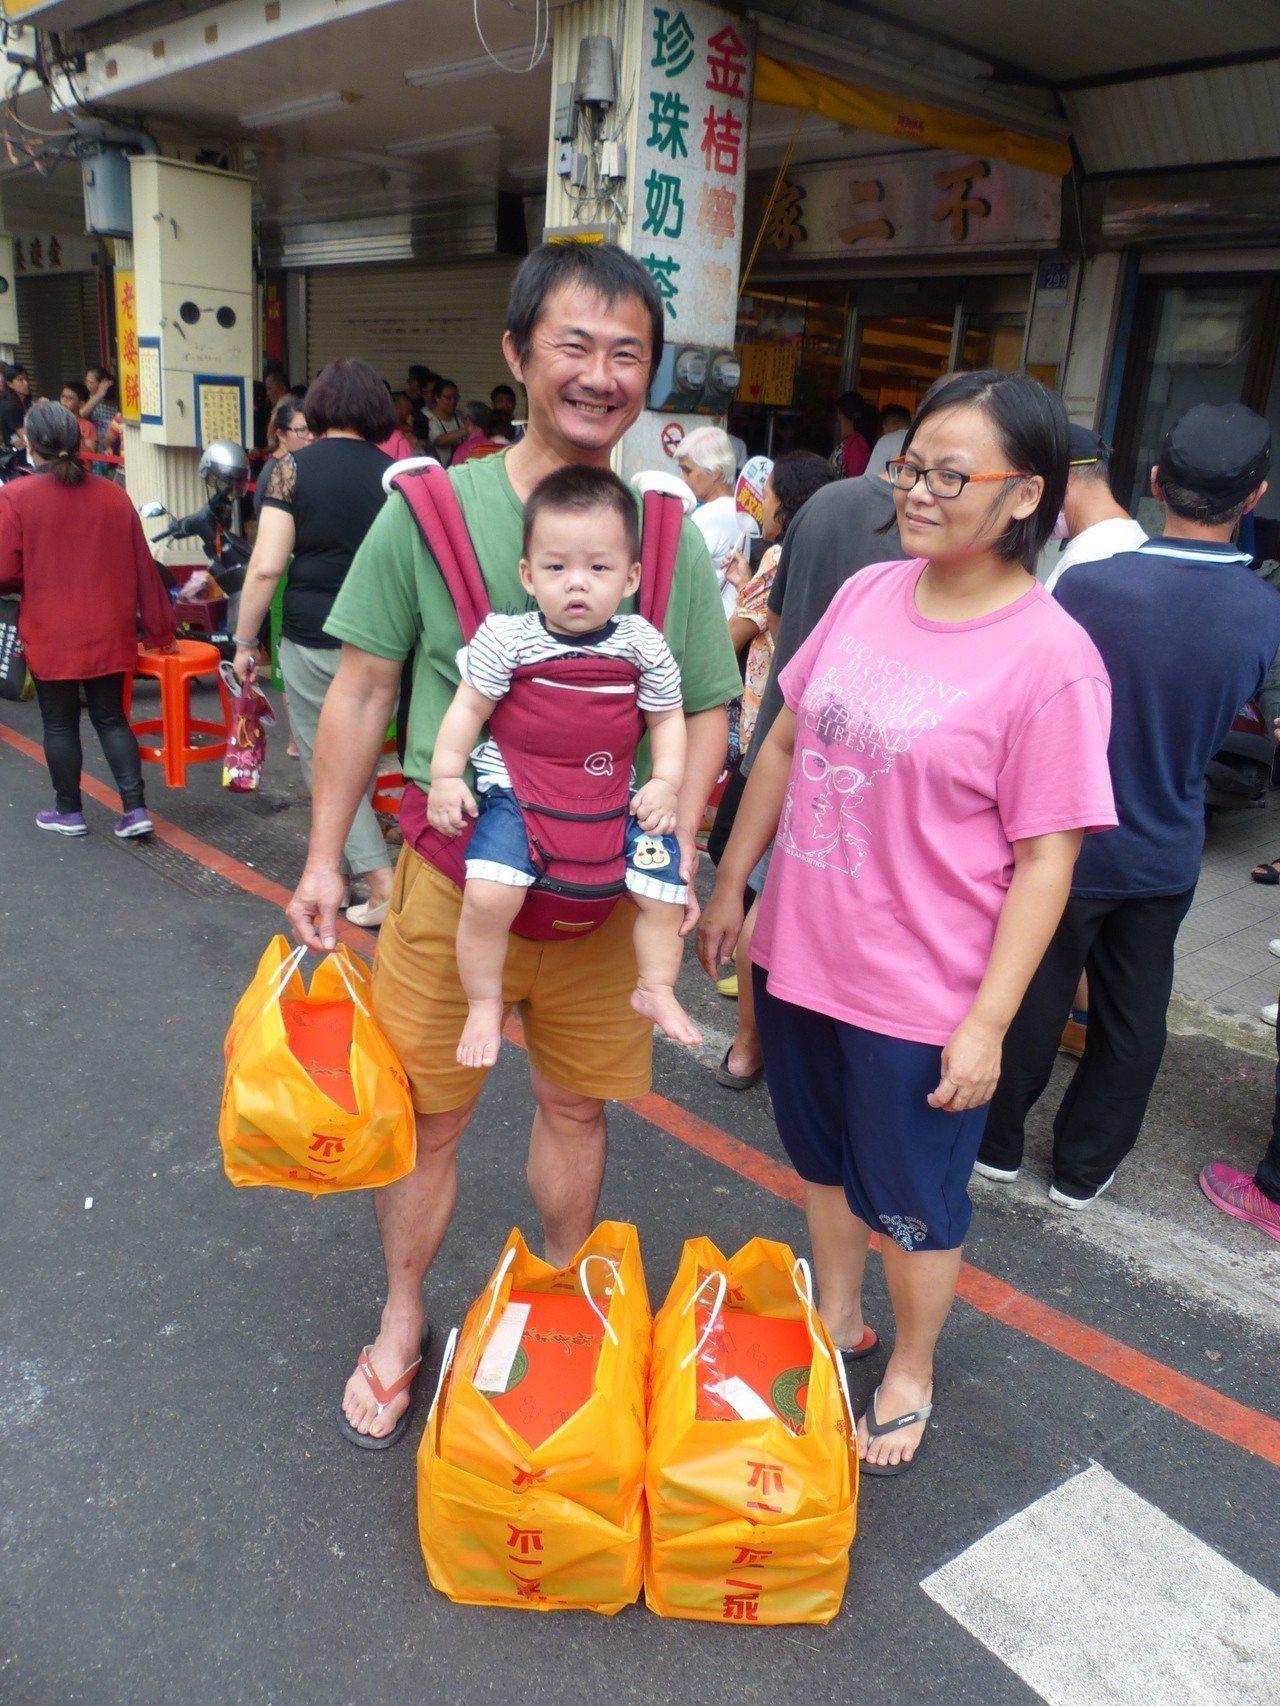 這家人從昨晚排到今天上午。終於買到不二家店黃酥,為之樂不可支。記者劉明岩/攝影